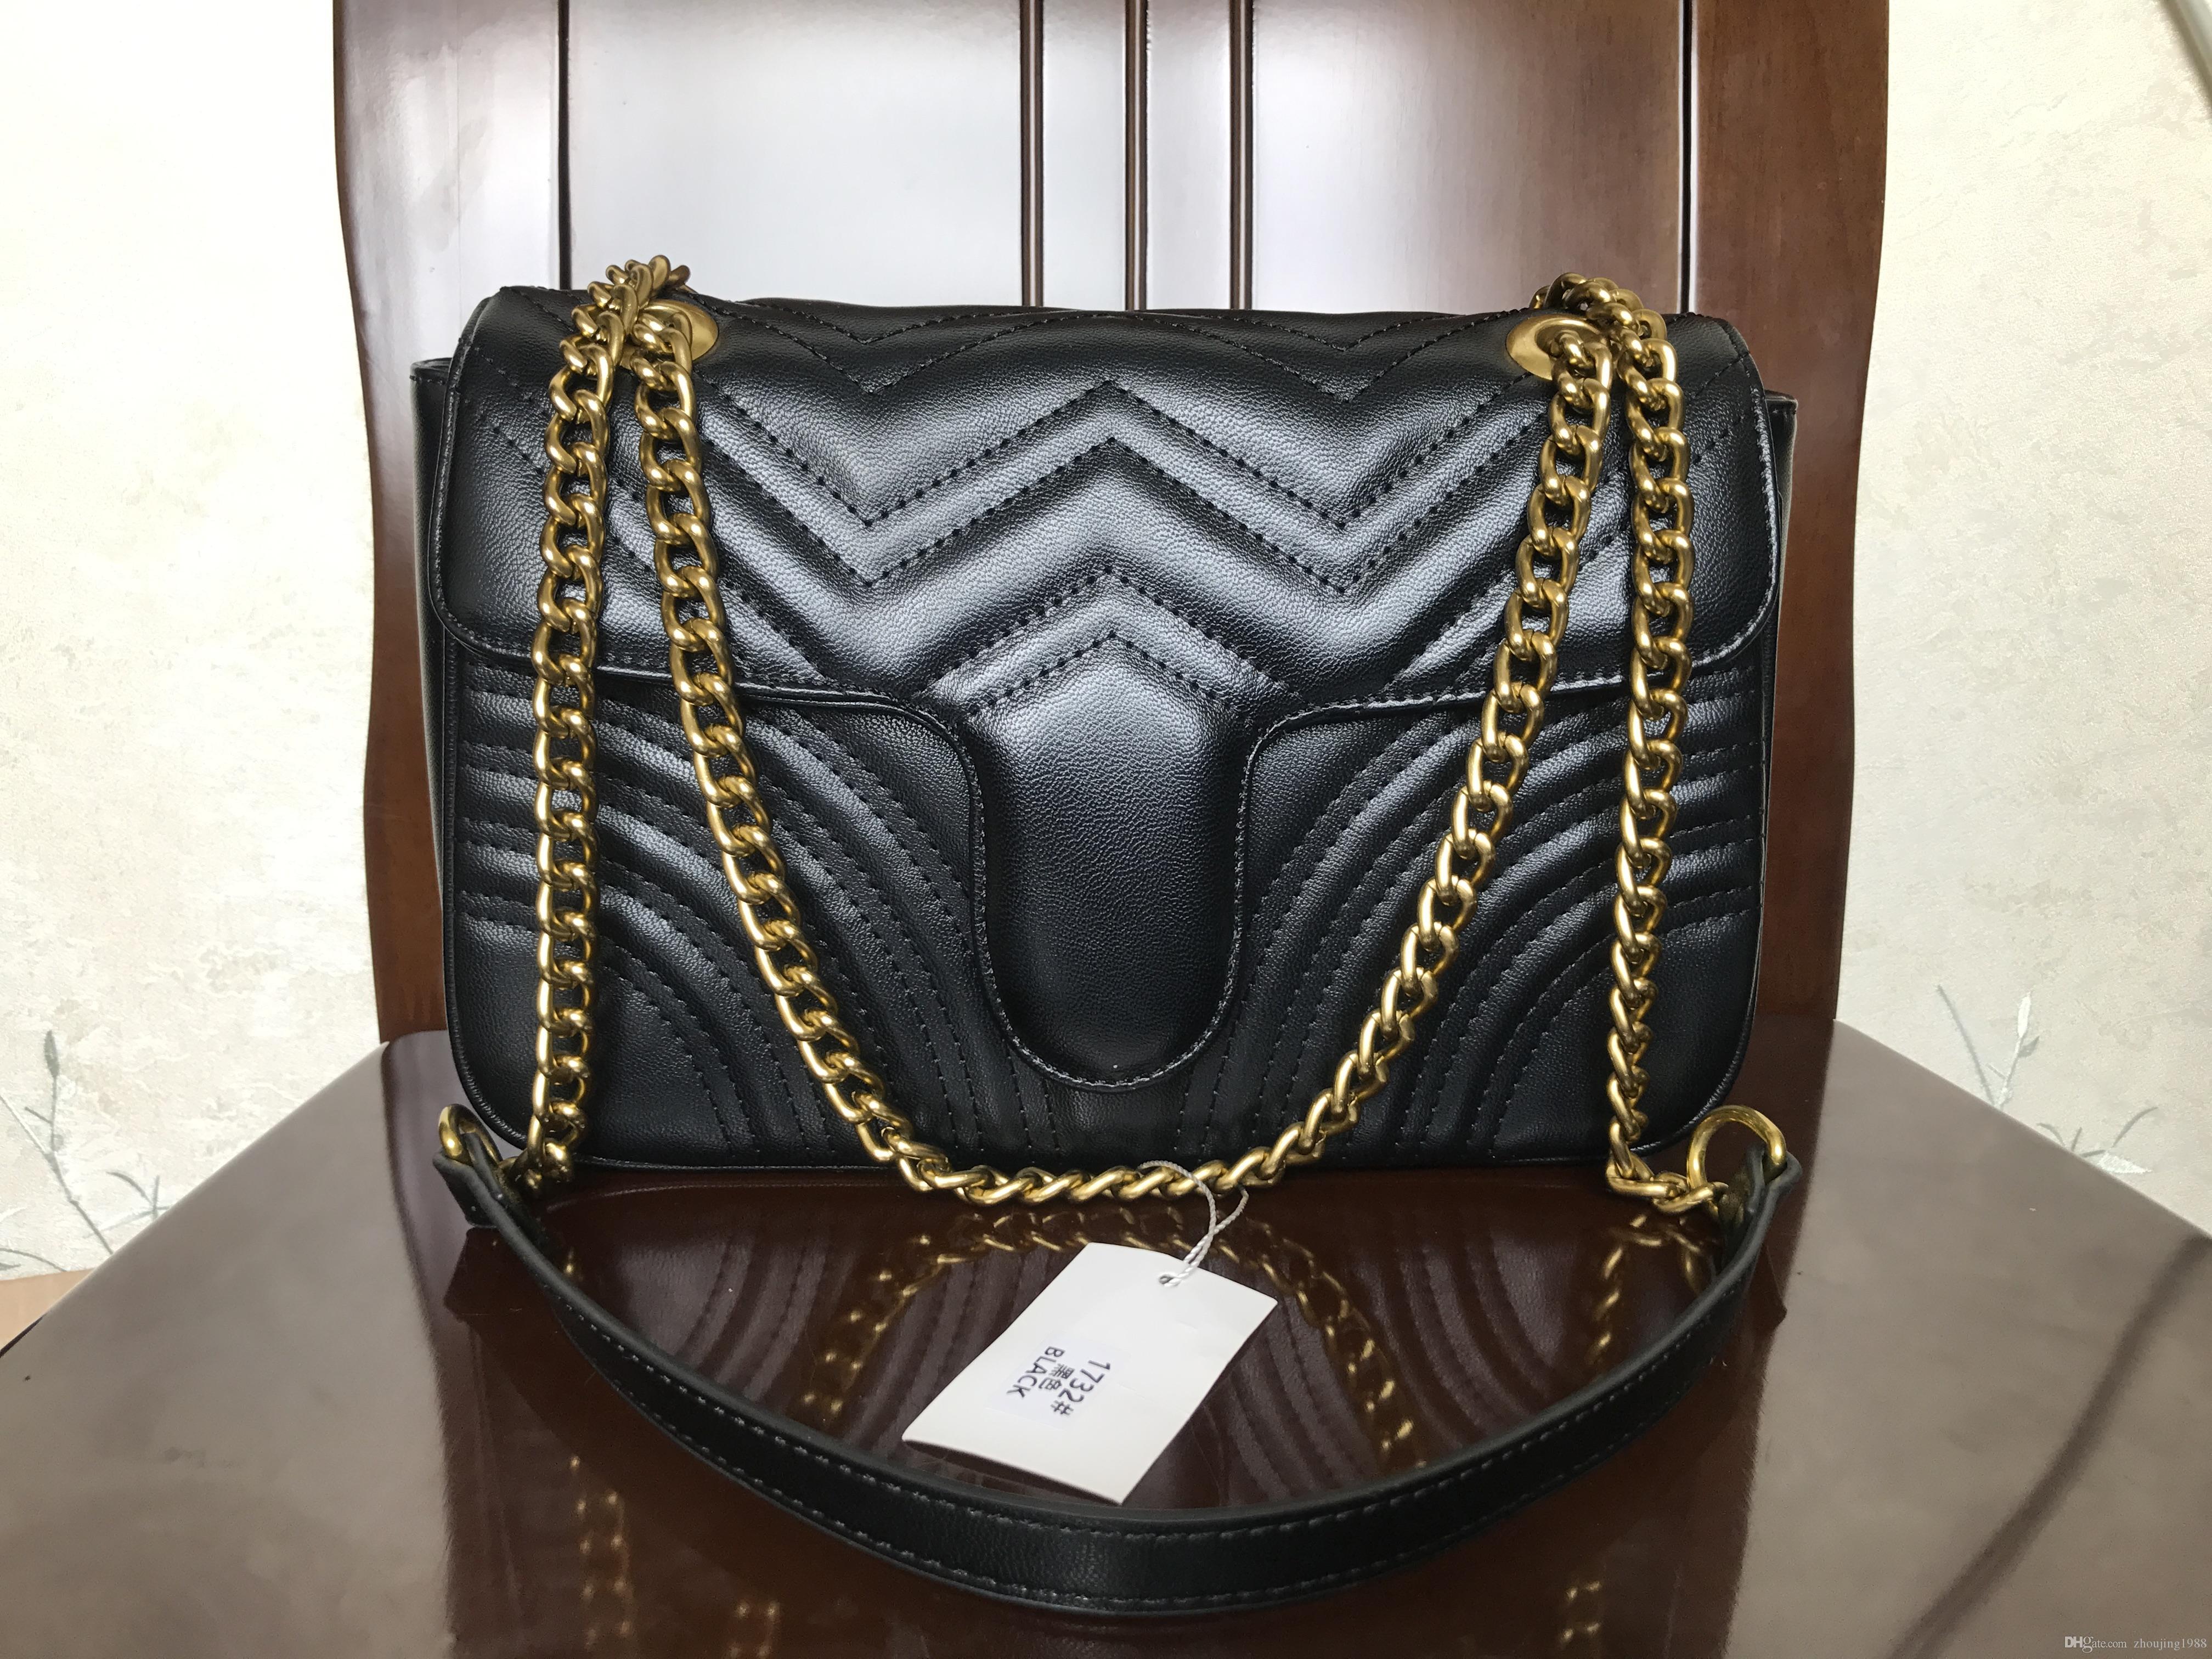 Высокое качество 5 цветов известный бренд женщин дизайнер сумка кожаная цепочка сумка Cross body чистый цвет женская сумка crossbody сумка кошелек 26 см